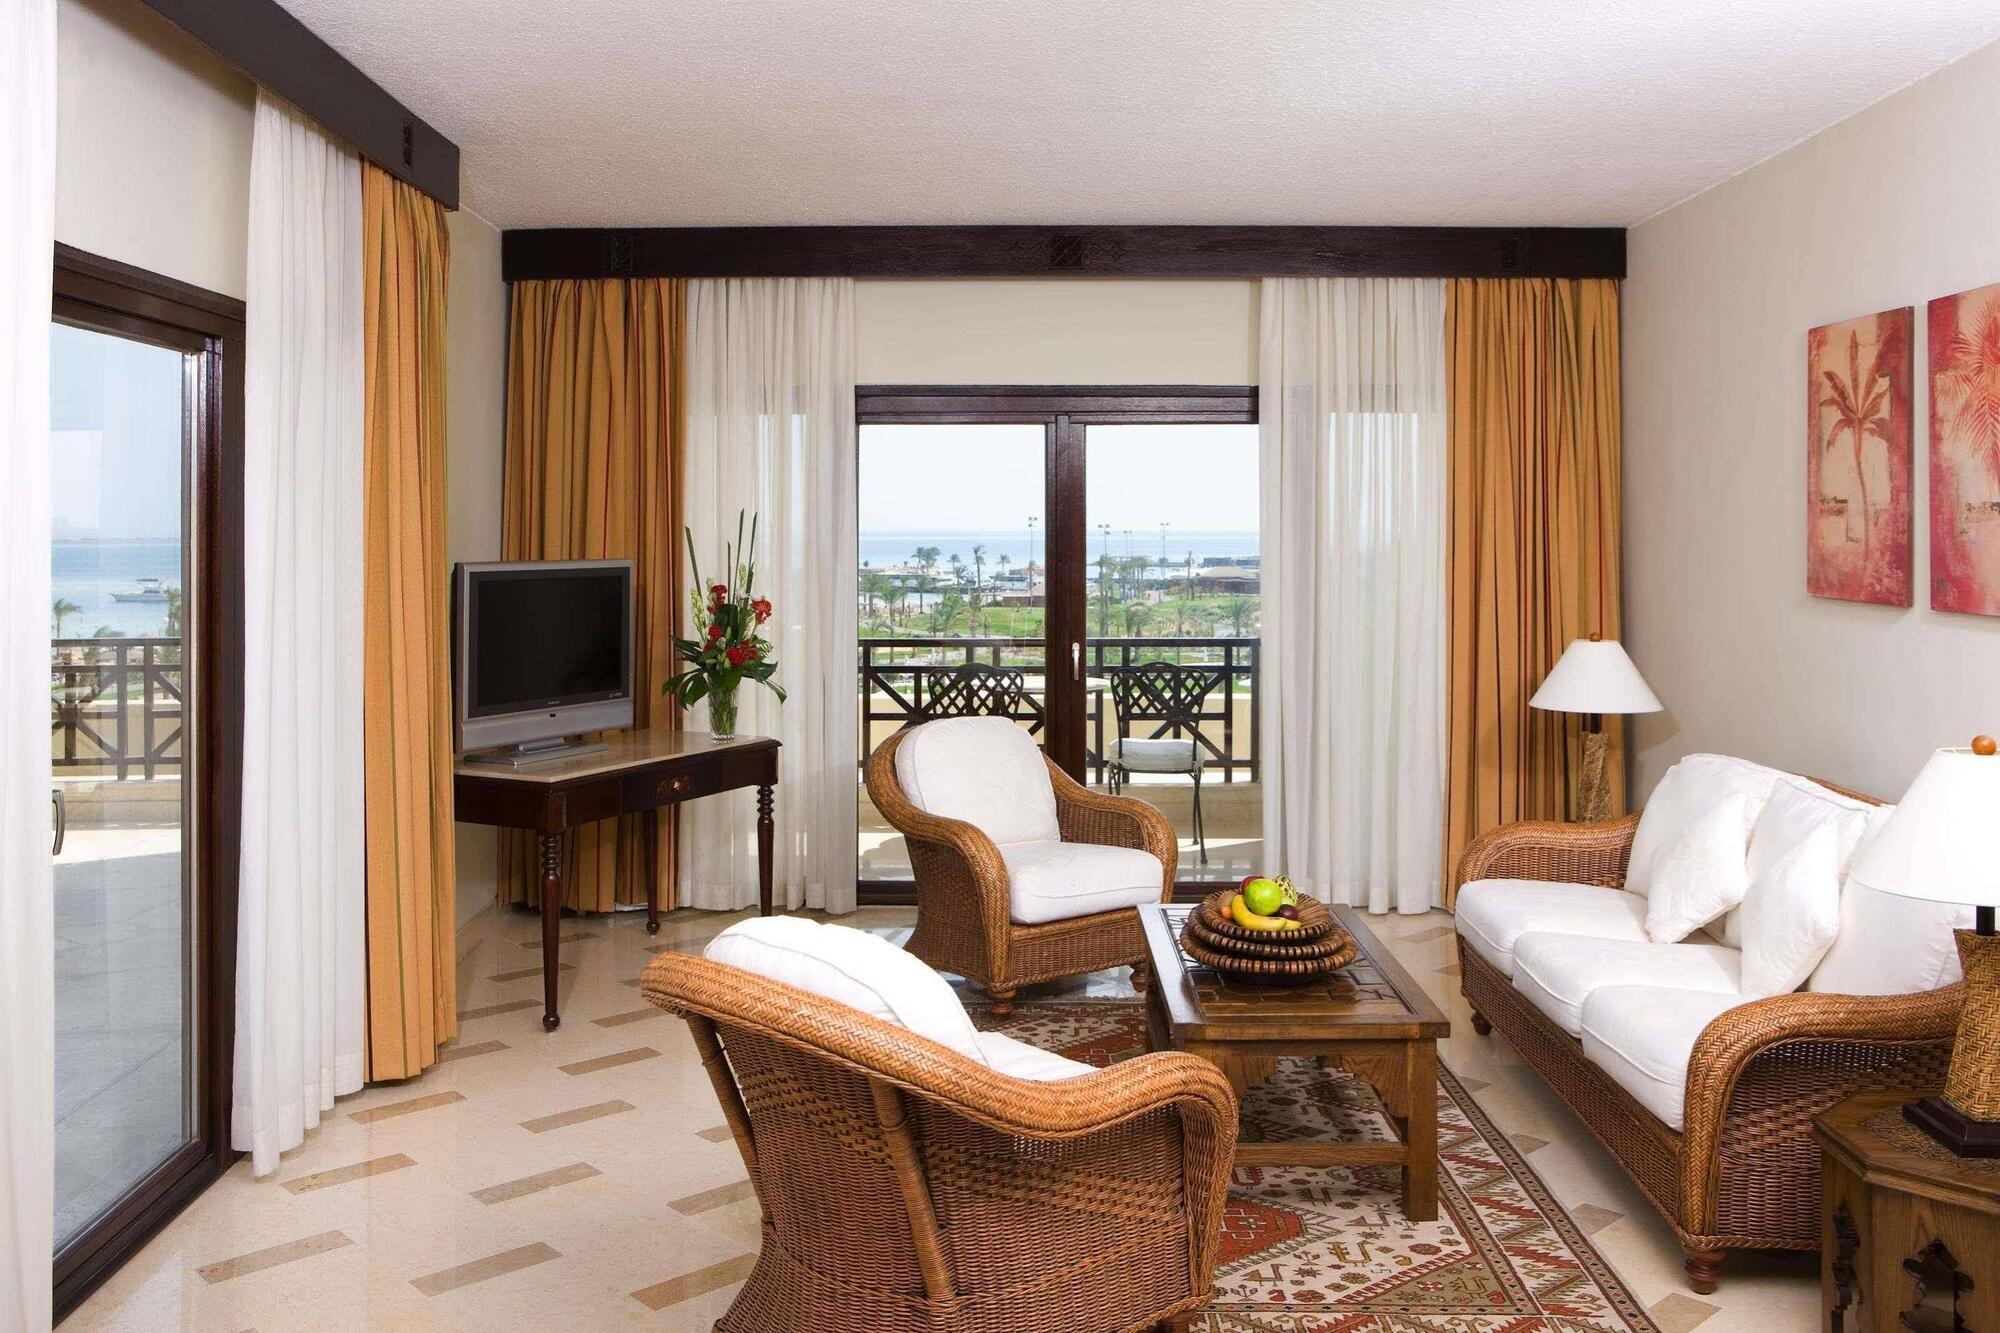 Steigenberger Aldau Beach Hotel, Hurghada Image 1